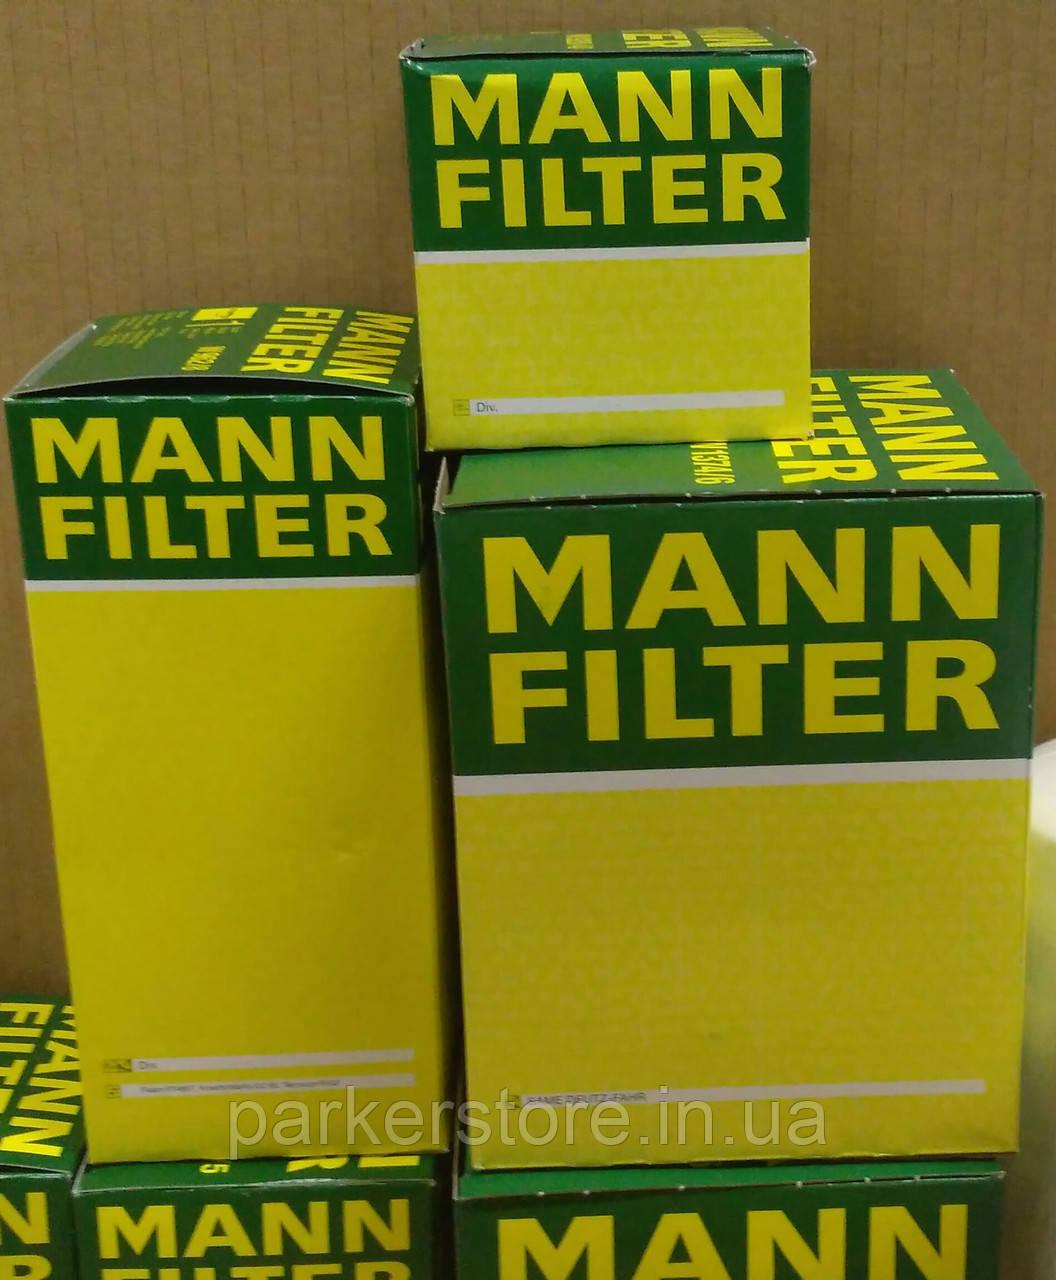 MANN FILTER / Воздушный фильтр / C 2774/1 / C2774/1